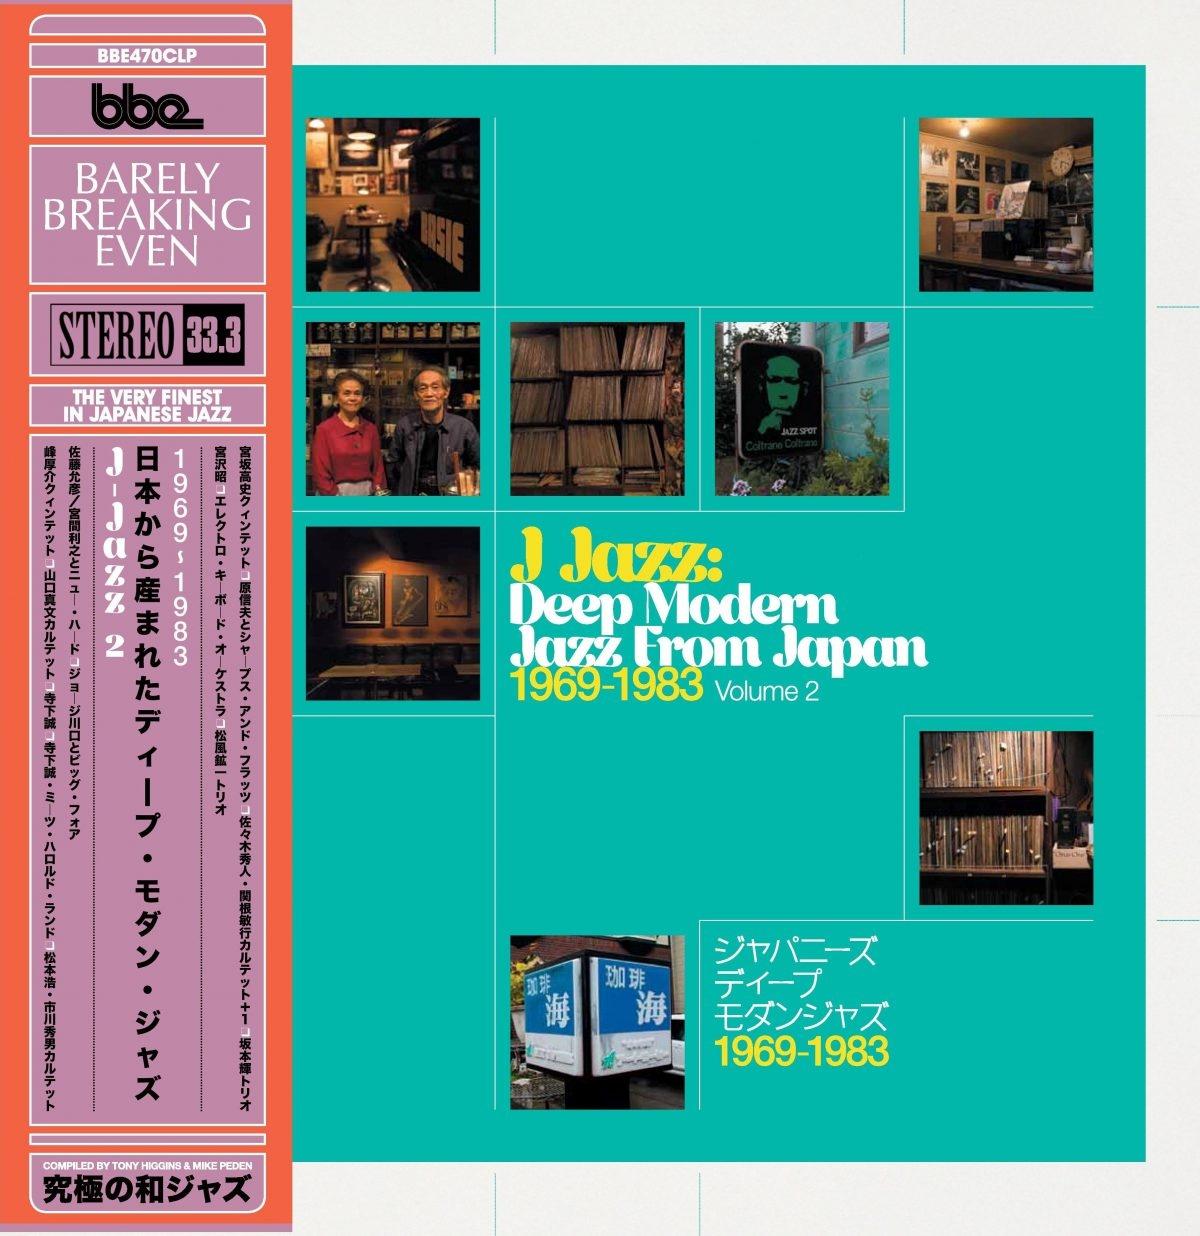 Art and Documentary Photography - Loading J-Jazz-2-with-obi-38k3jo7fu0p9mz59geawao.jpg